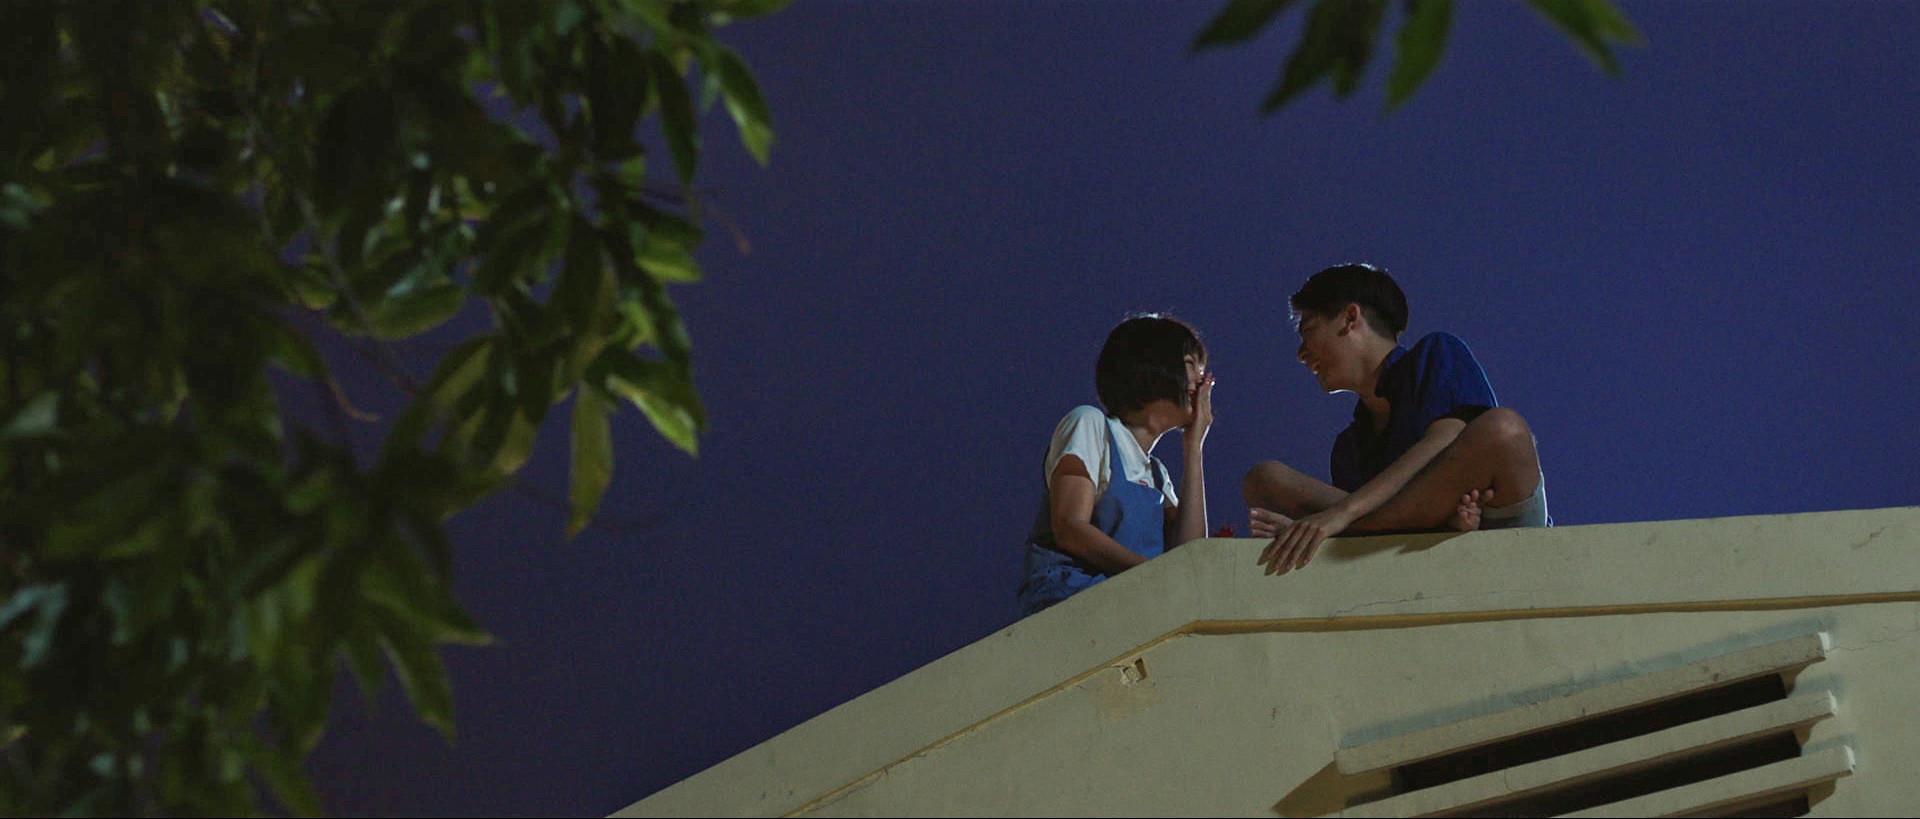 Yoon Trần Tình bể tình với Hoành Oanh trong MV nhạc Phim Ở nơi nào đó